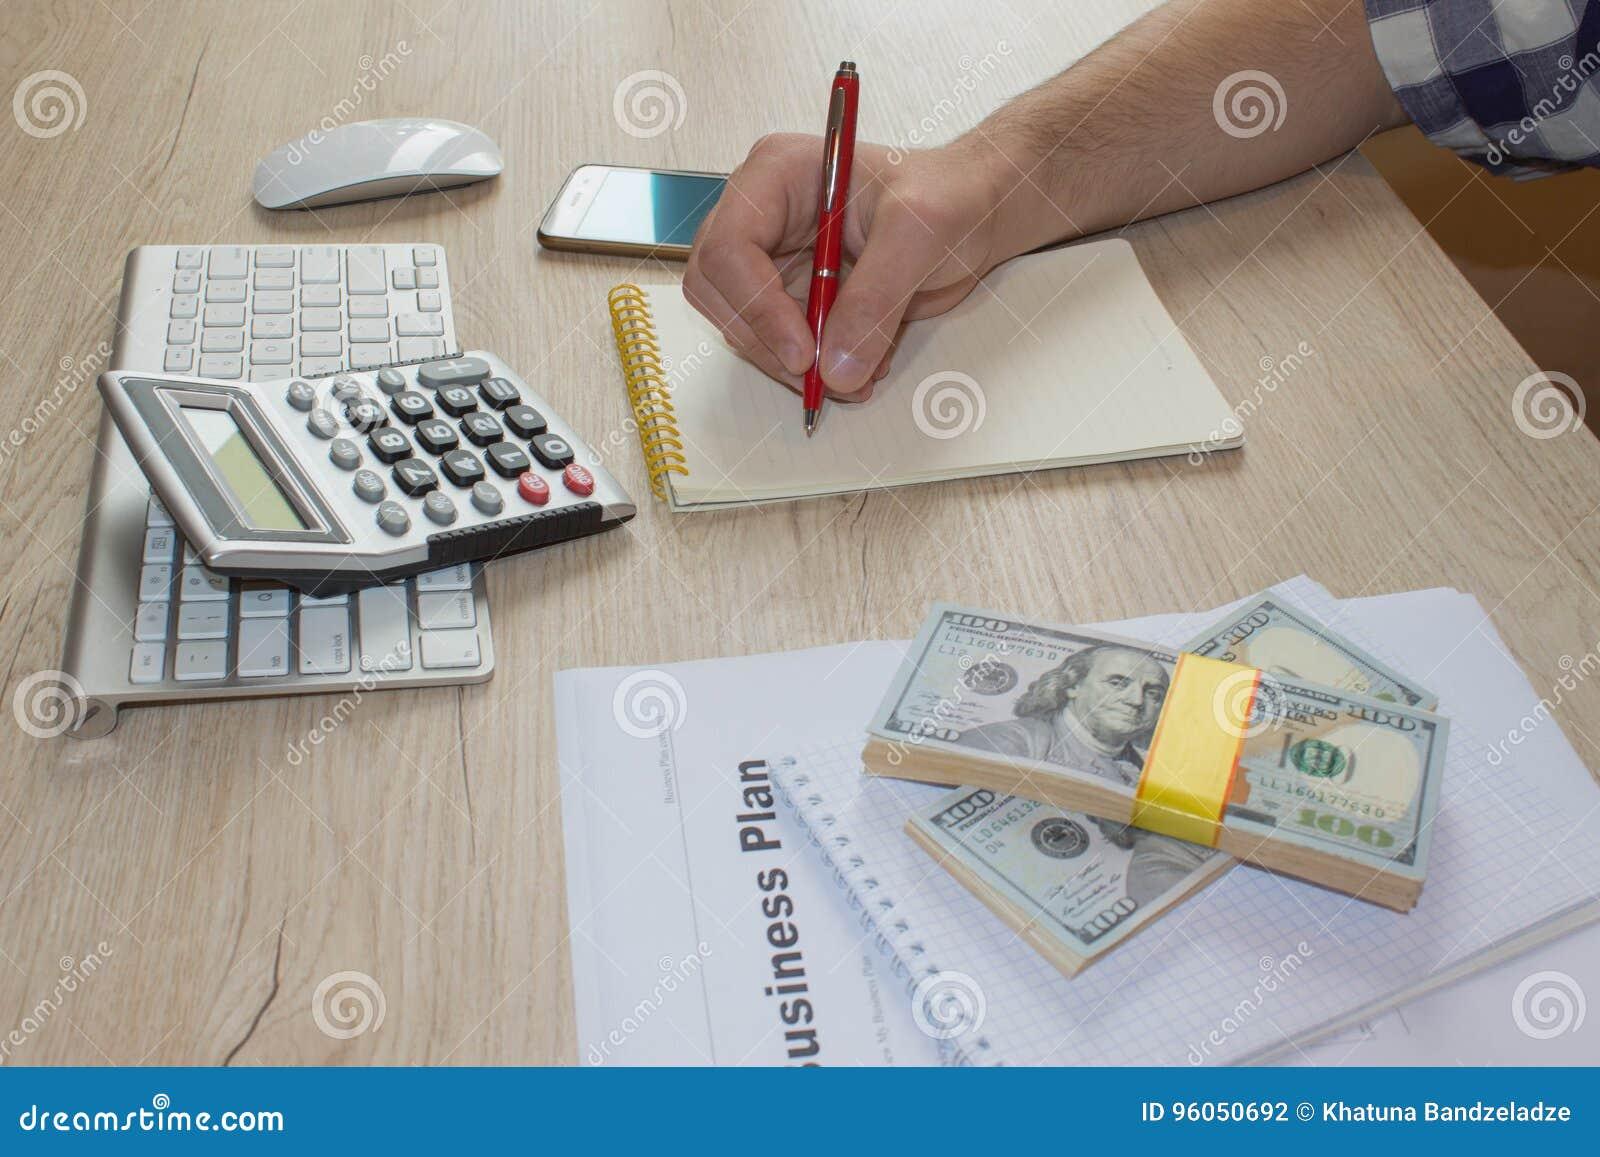 La vue du comptable ou de l inspecteur financier remet rédiger le rapport, calculer ou vérifier l équilibre Plan d action, calcul